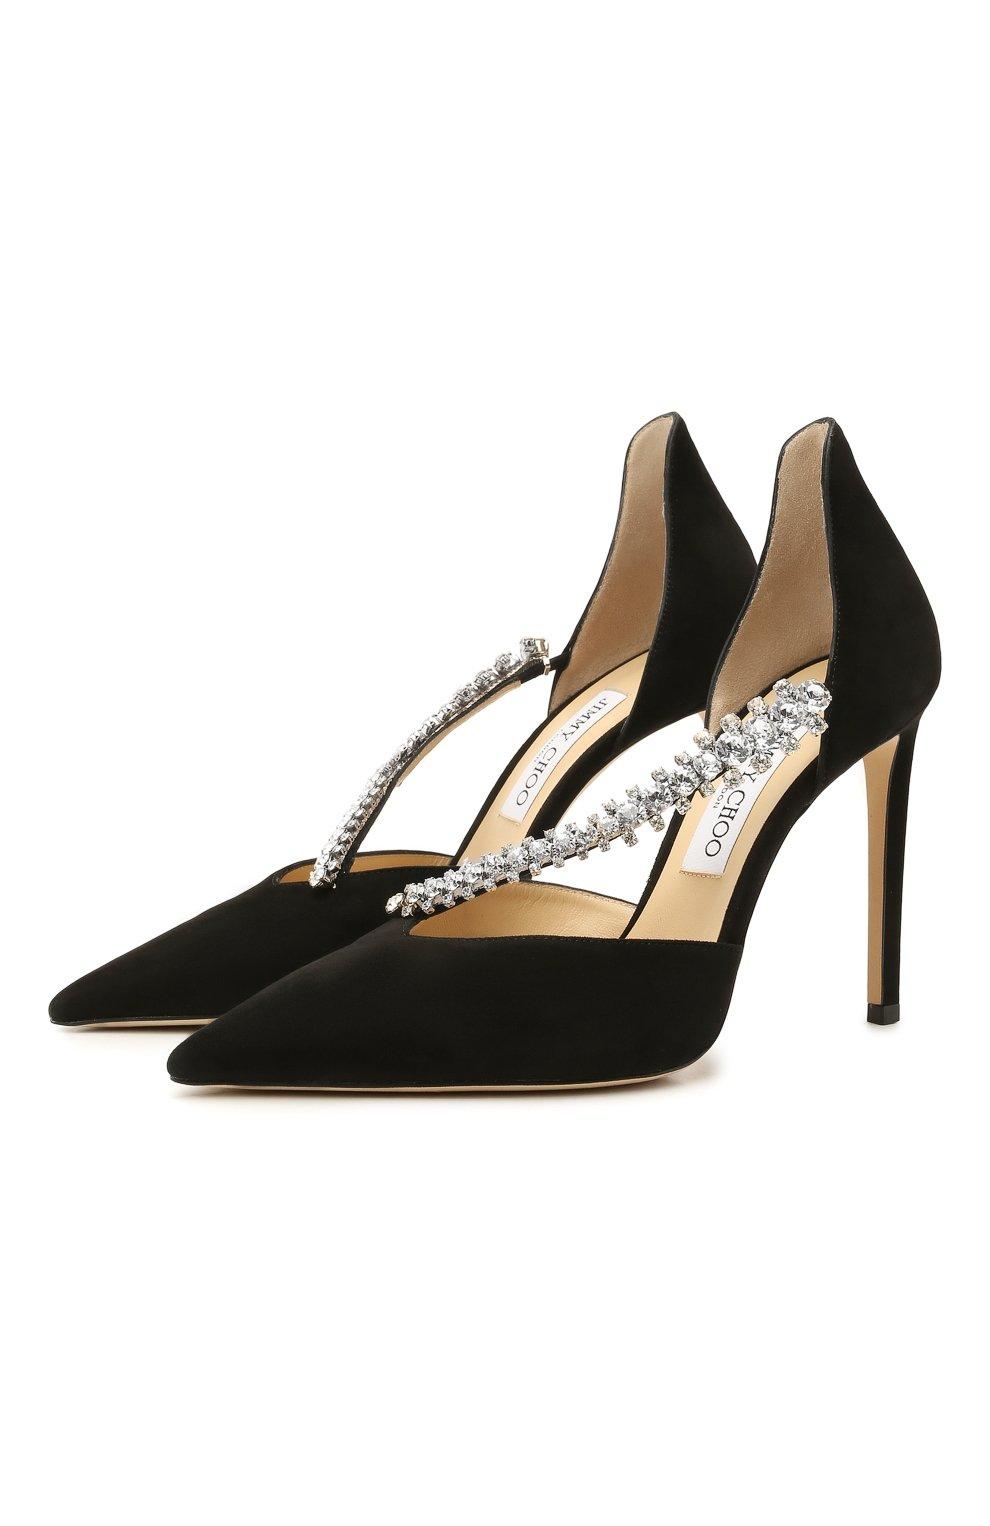 Женские замшевые туфли bee 100 JIMMY CHOO черного цвета, арт. BEE 100/SIW   Фото 1 (Каблук высота: Высокий; Материал внутренний: Натуральная кожа; Каблук тип: Шпилька; Подошва: Плоская; Материал внешний: Замша)